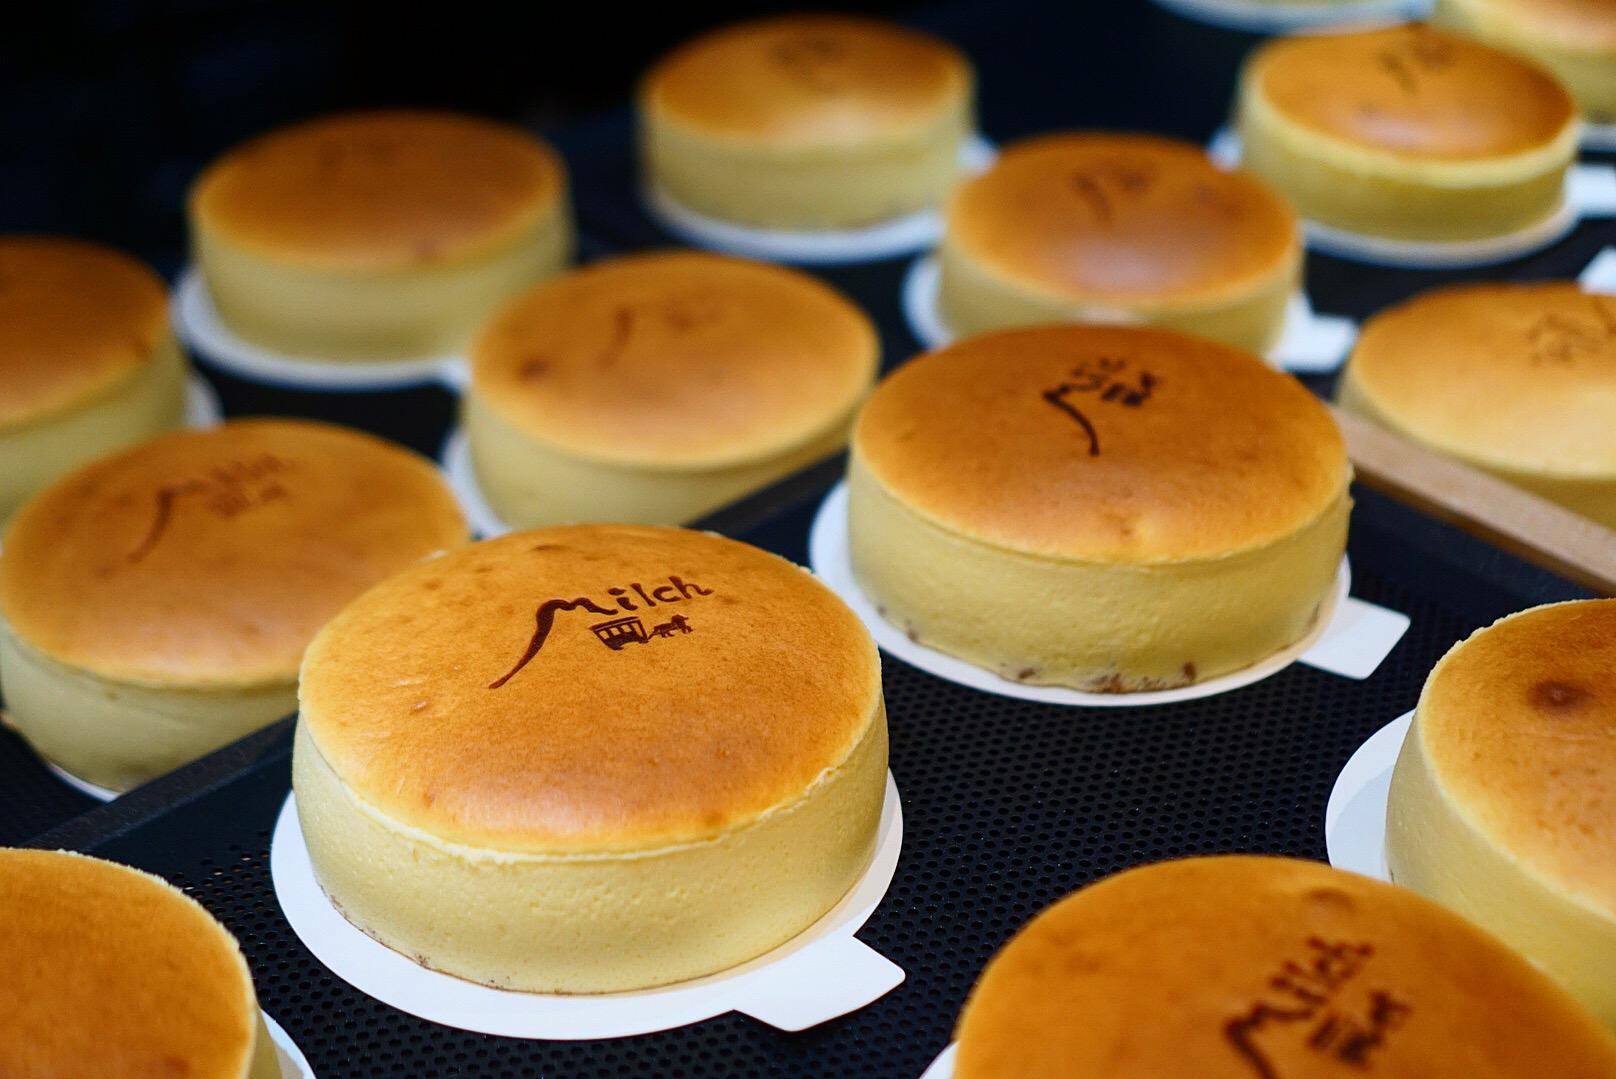 พาไปโดนซูเฟล่ชีสเค้กที่ละมุนและเด้งดึ๋งที่สุด! ไม่ต้องไปไกลถึงญี่ปุ่น ที่ Milch Souffle Cheesecake เดอะมอลล์บางกะปิ - Pantip